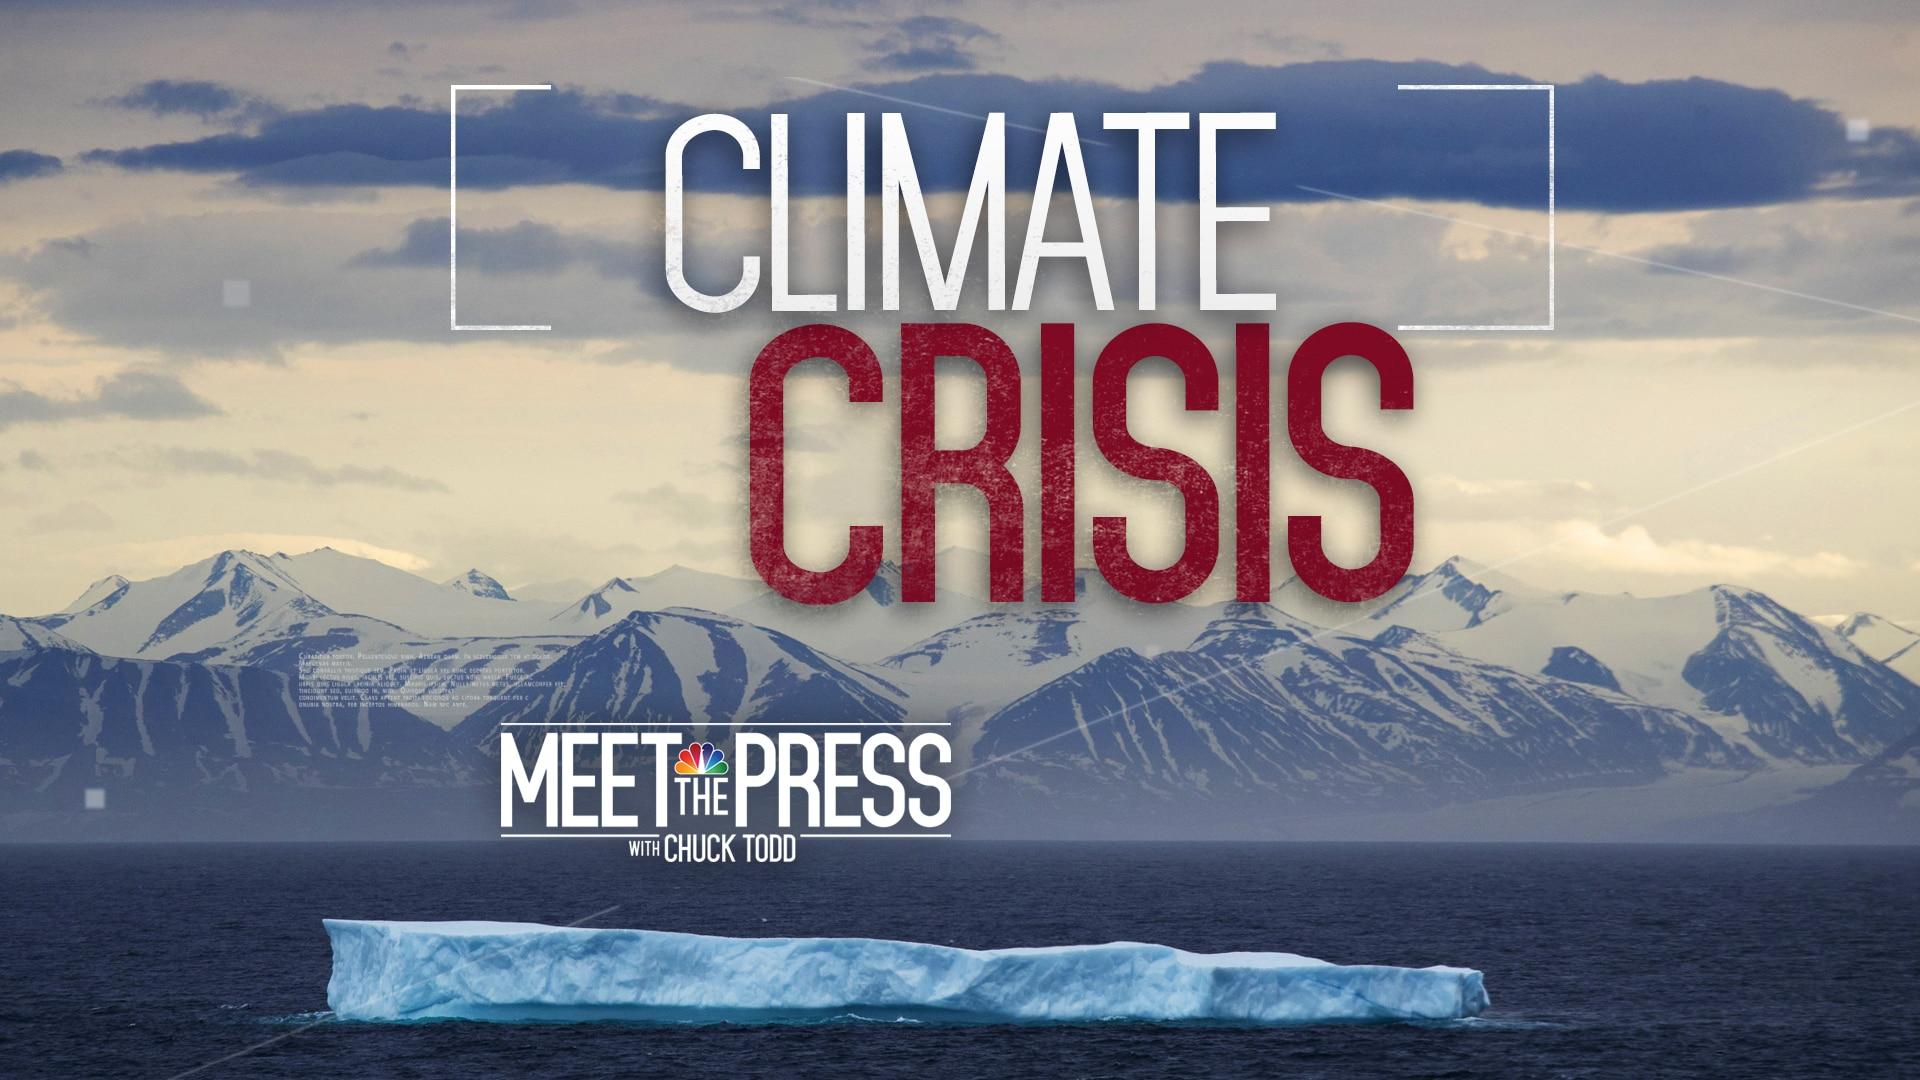 Watch Meet the Press Episode: Meet the Press - 12/30 - NBC.com